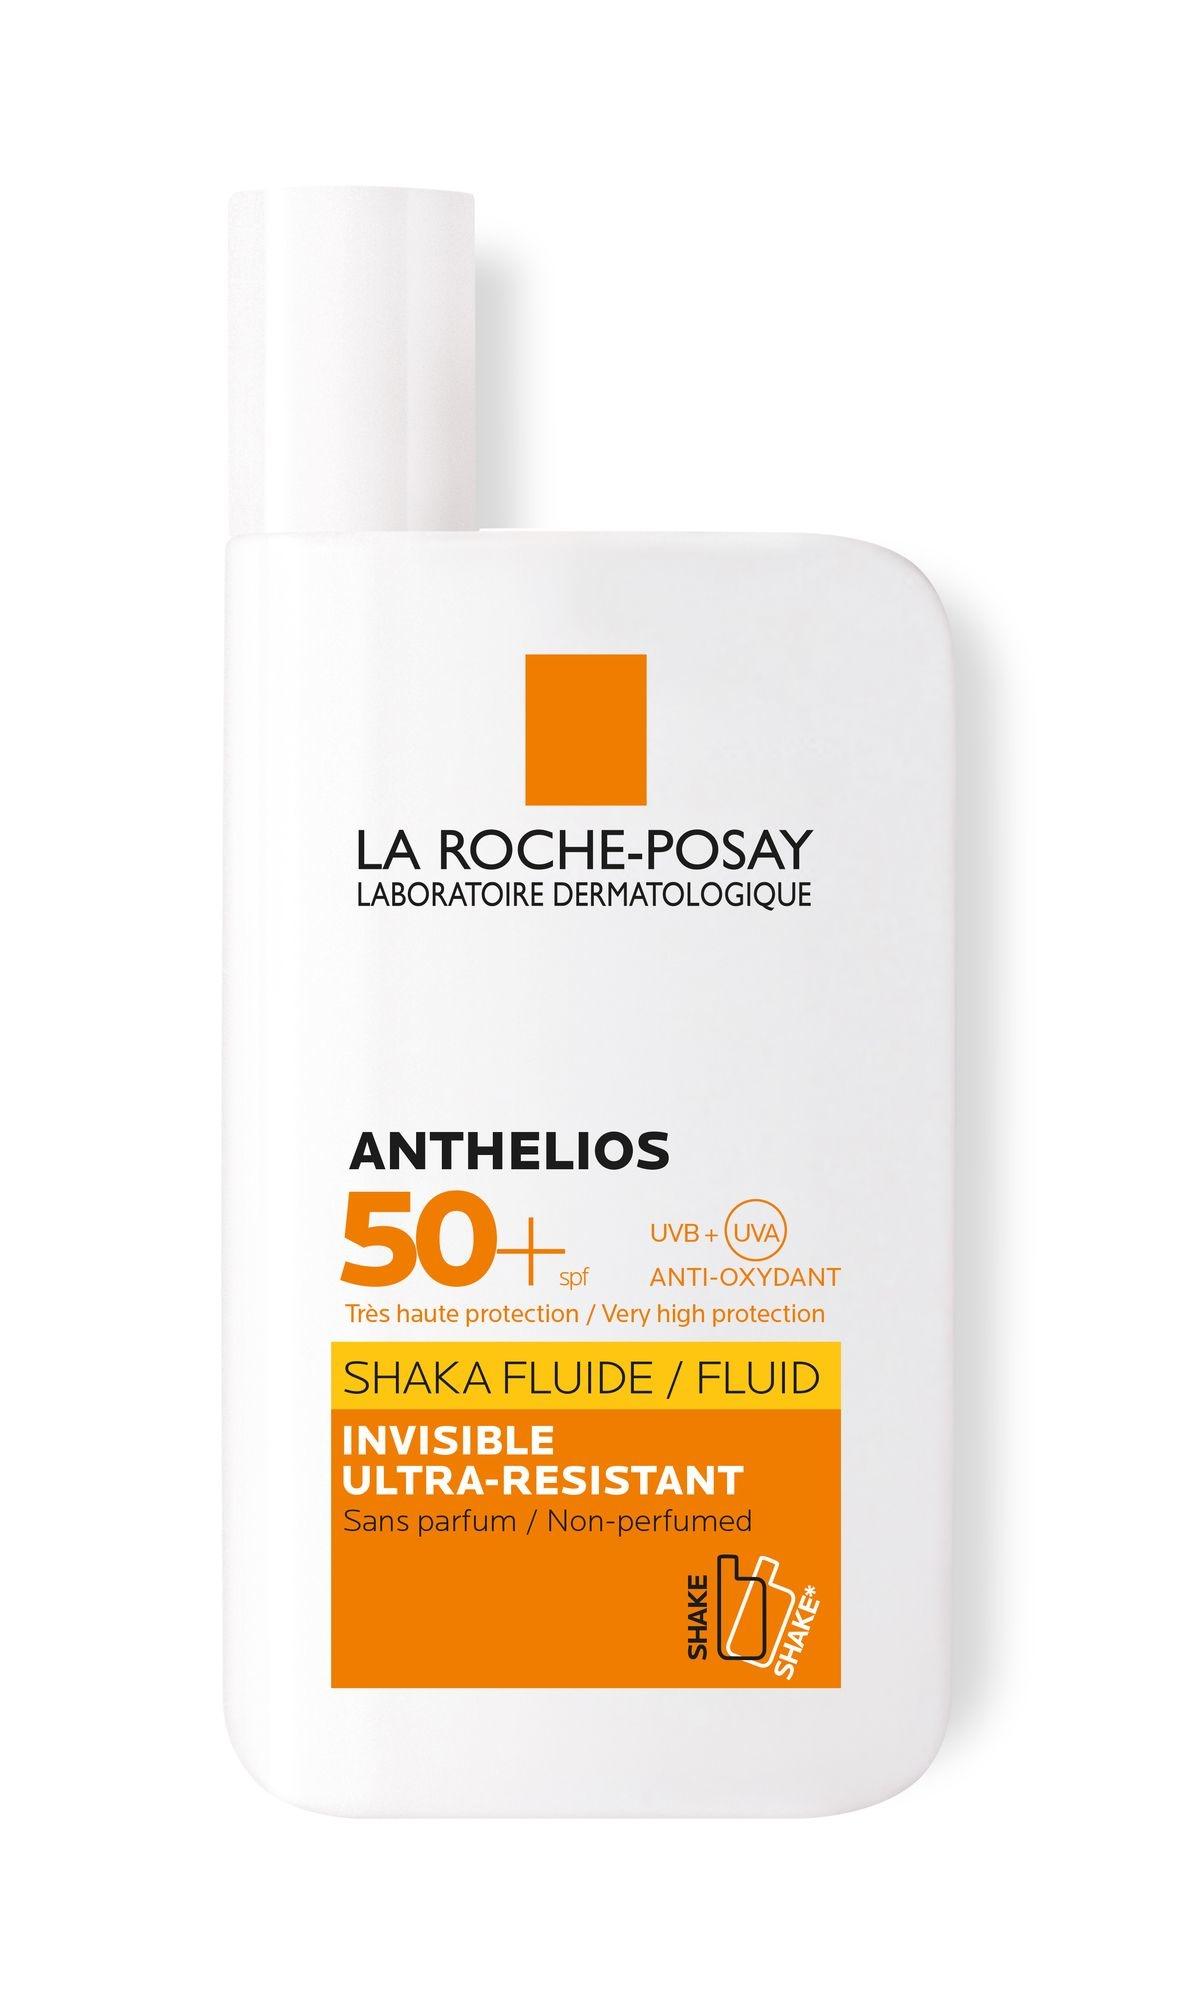 La Roche LA ROCHE POSAY Anthelios Shaka Fluid LSF 50+ 50ml